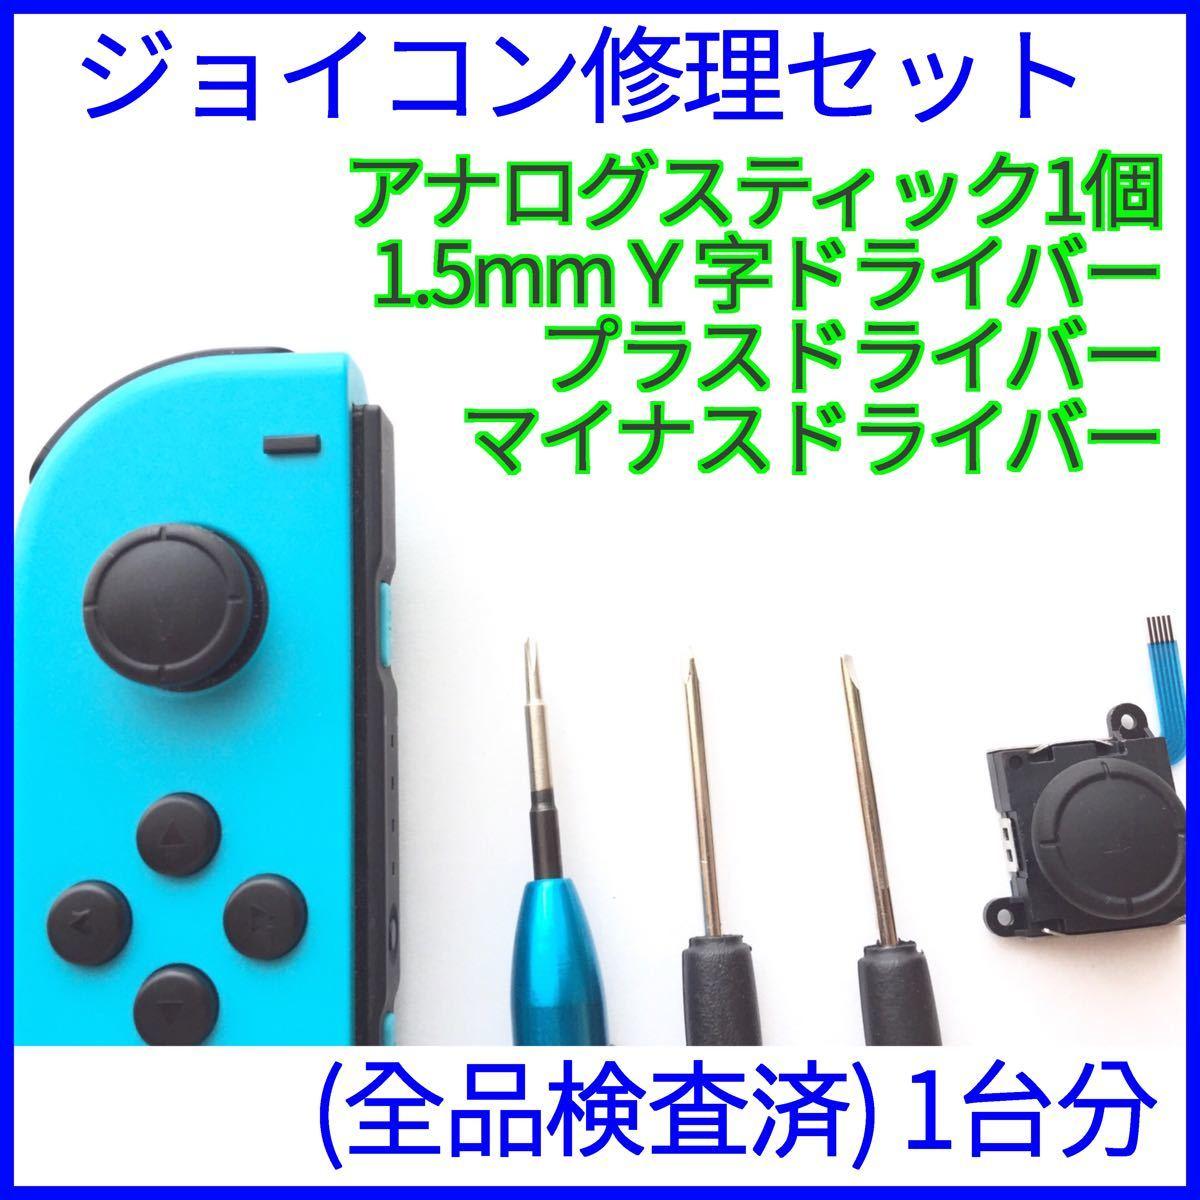 ジョイコン 修理 キット アナログスティック1個 スイッチ switch